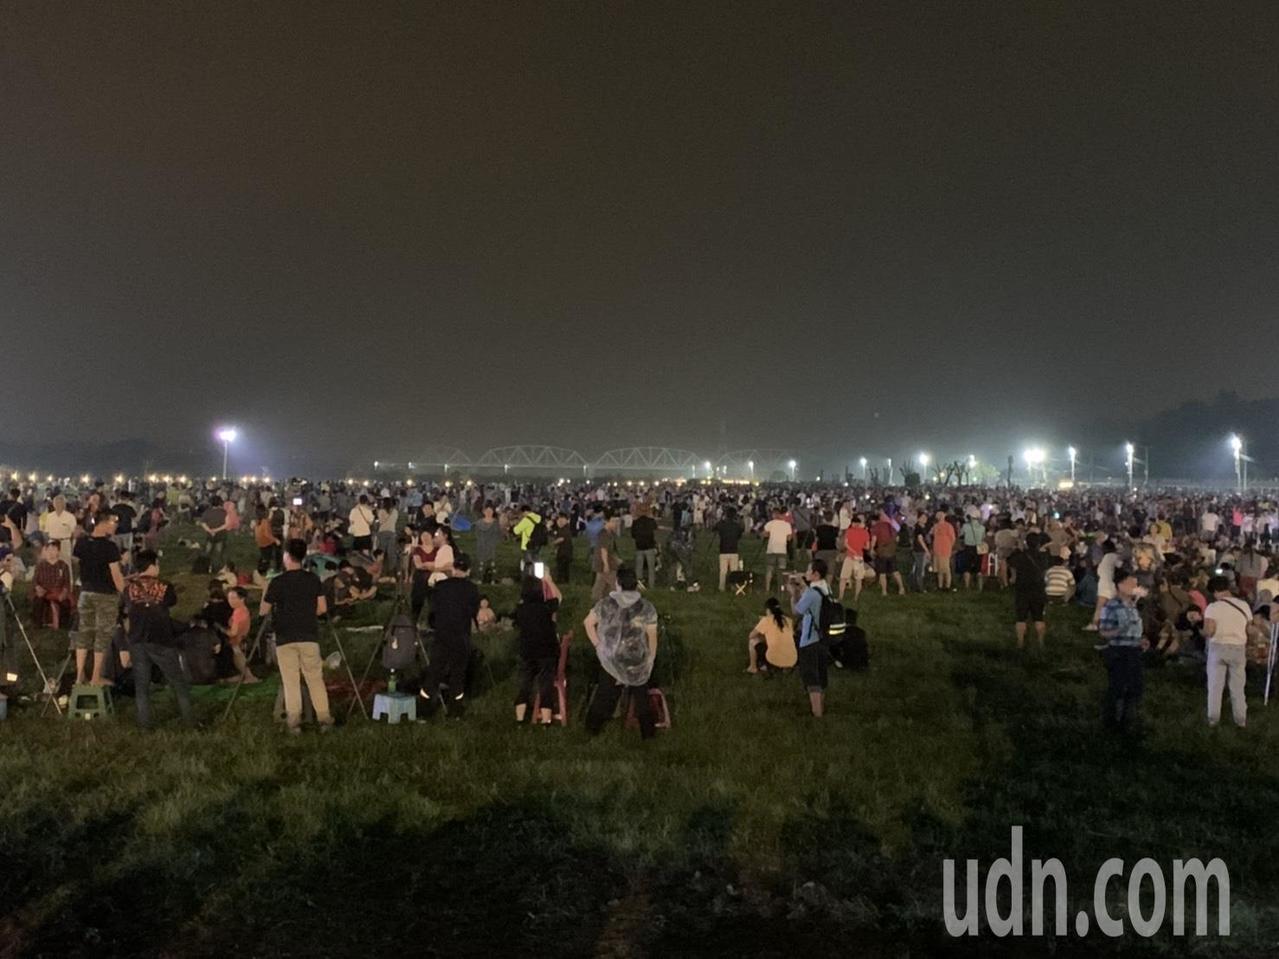 國慶焰火今晚在屏東河濱公園登場,因下午的一場大雨,活動現場泥濘不堪,不過不少民眾...